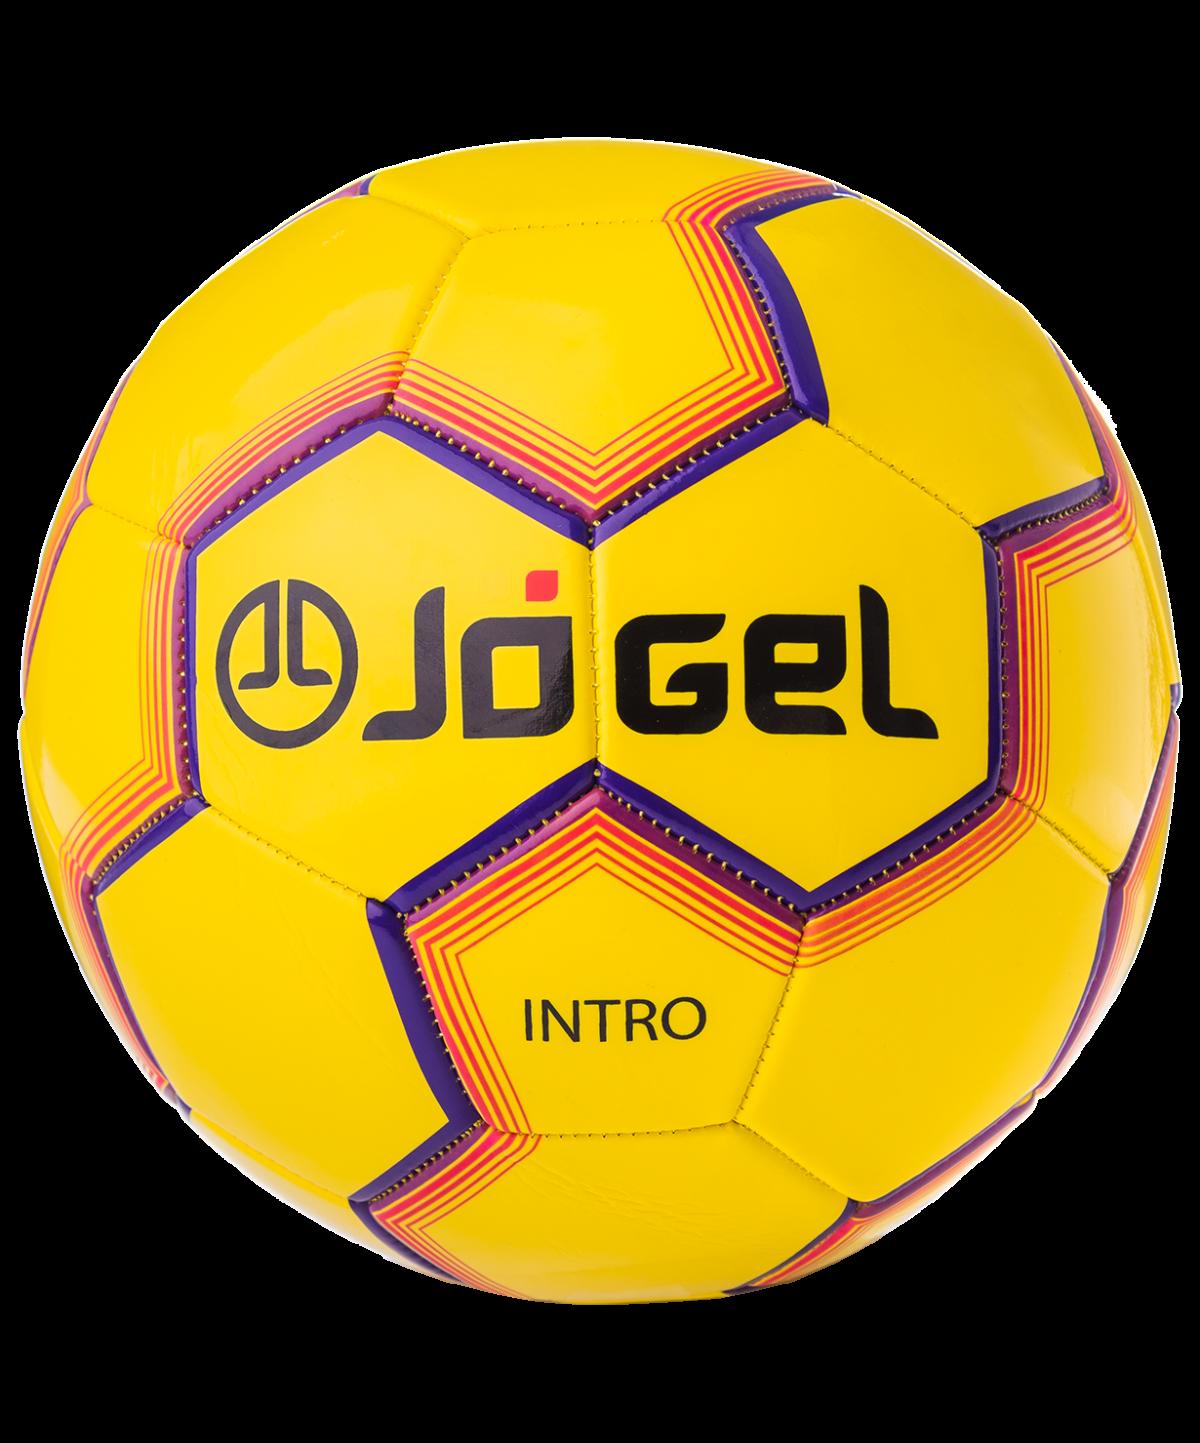 JOGEL Intro Мяч футбольный  JS-100 №5: жёлтый - 1